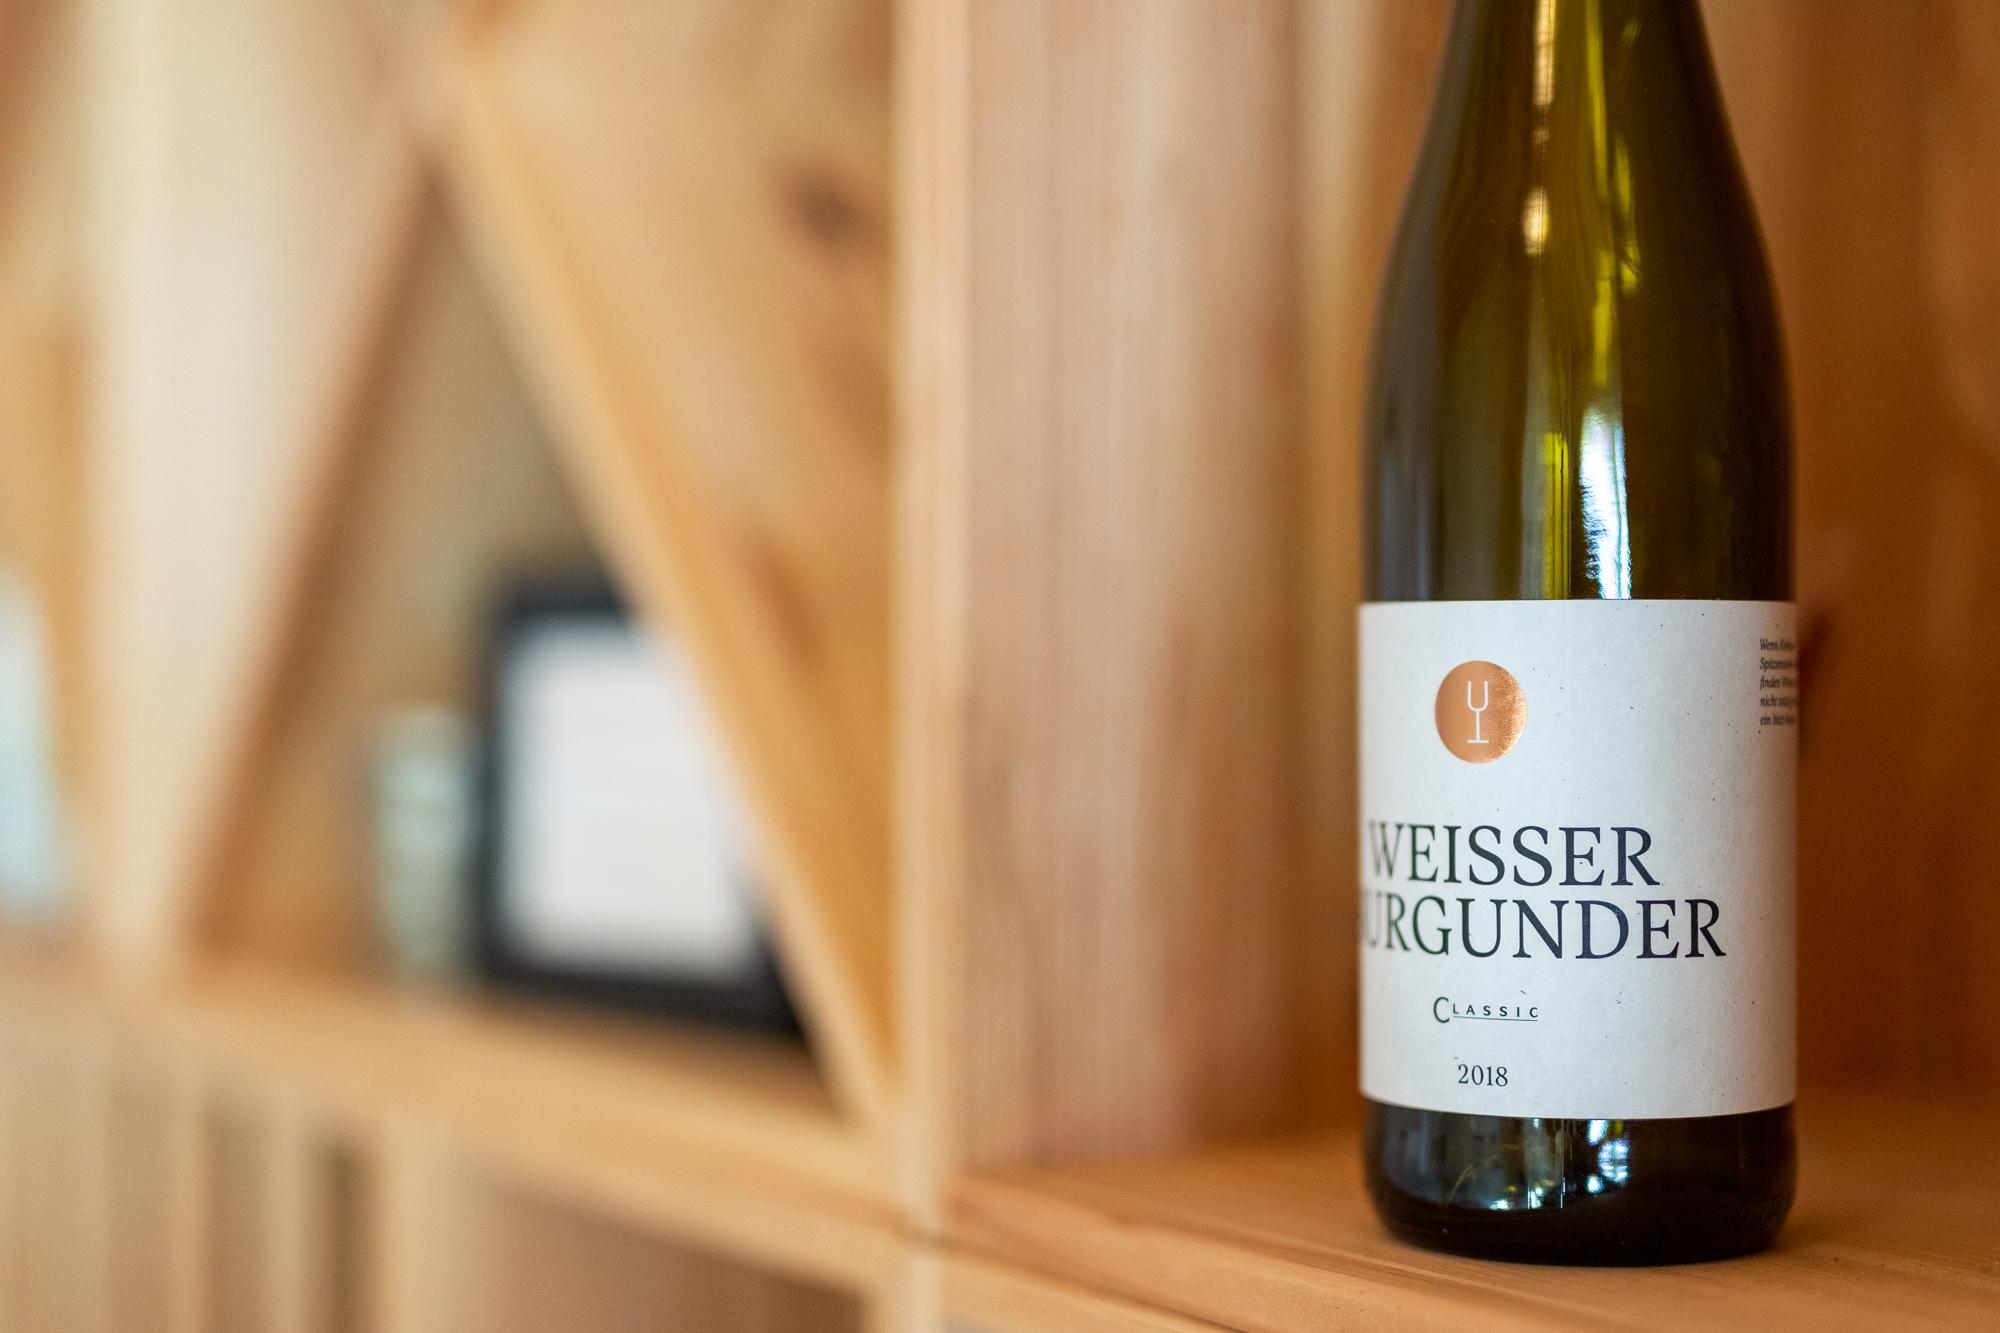 Weisser Burgunder, Schlegel Falsche, Wein, Weißwein, Qualität,